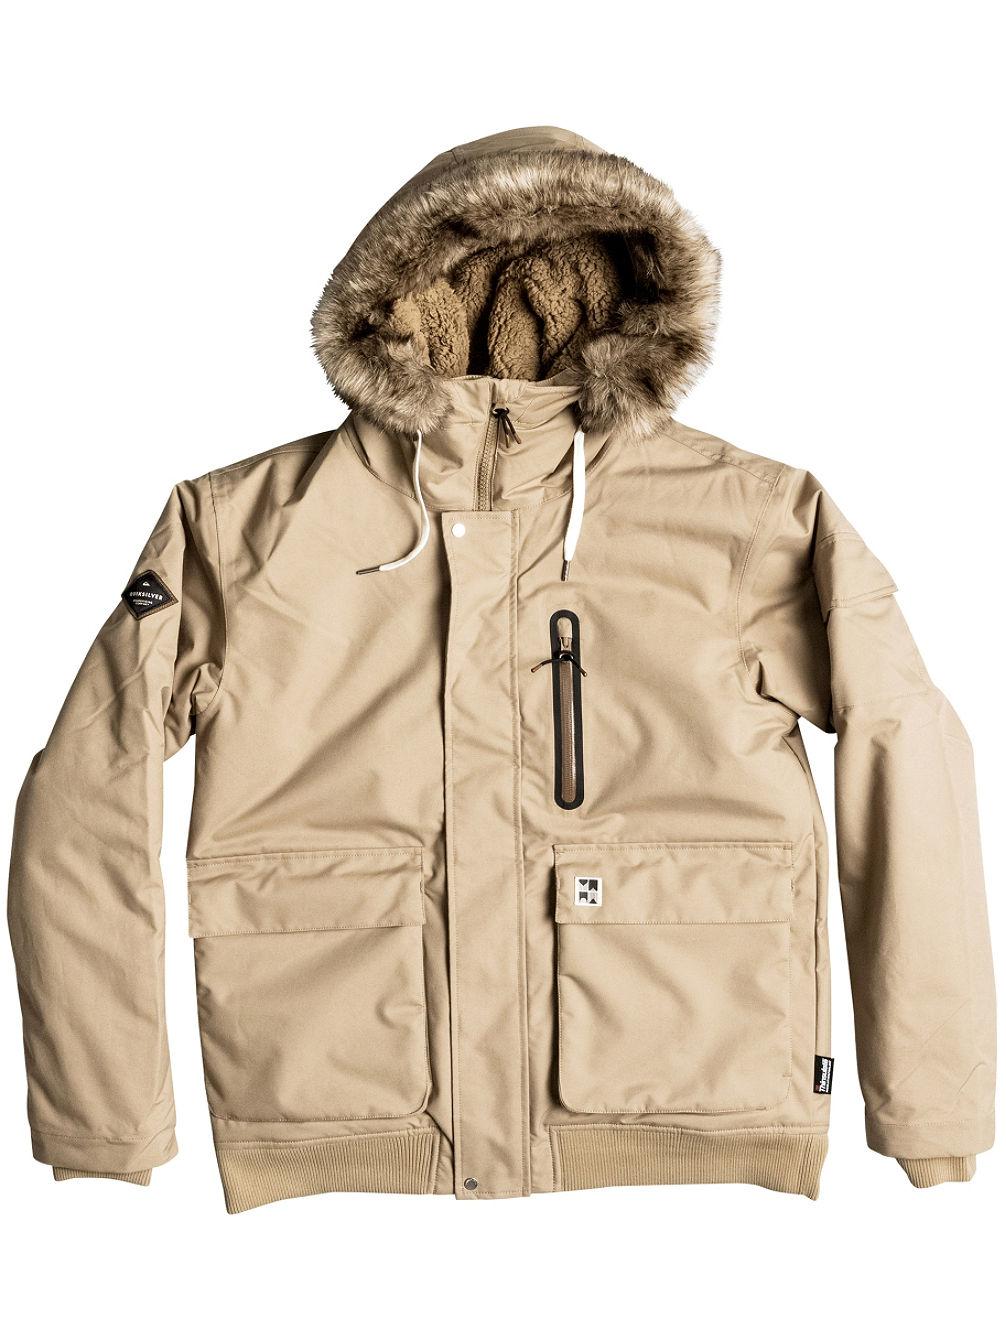 quiksilver-arris-jacket